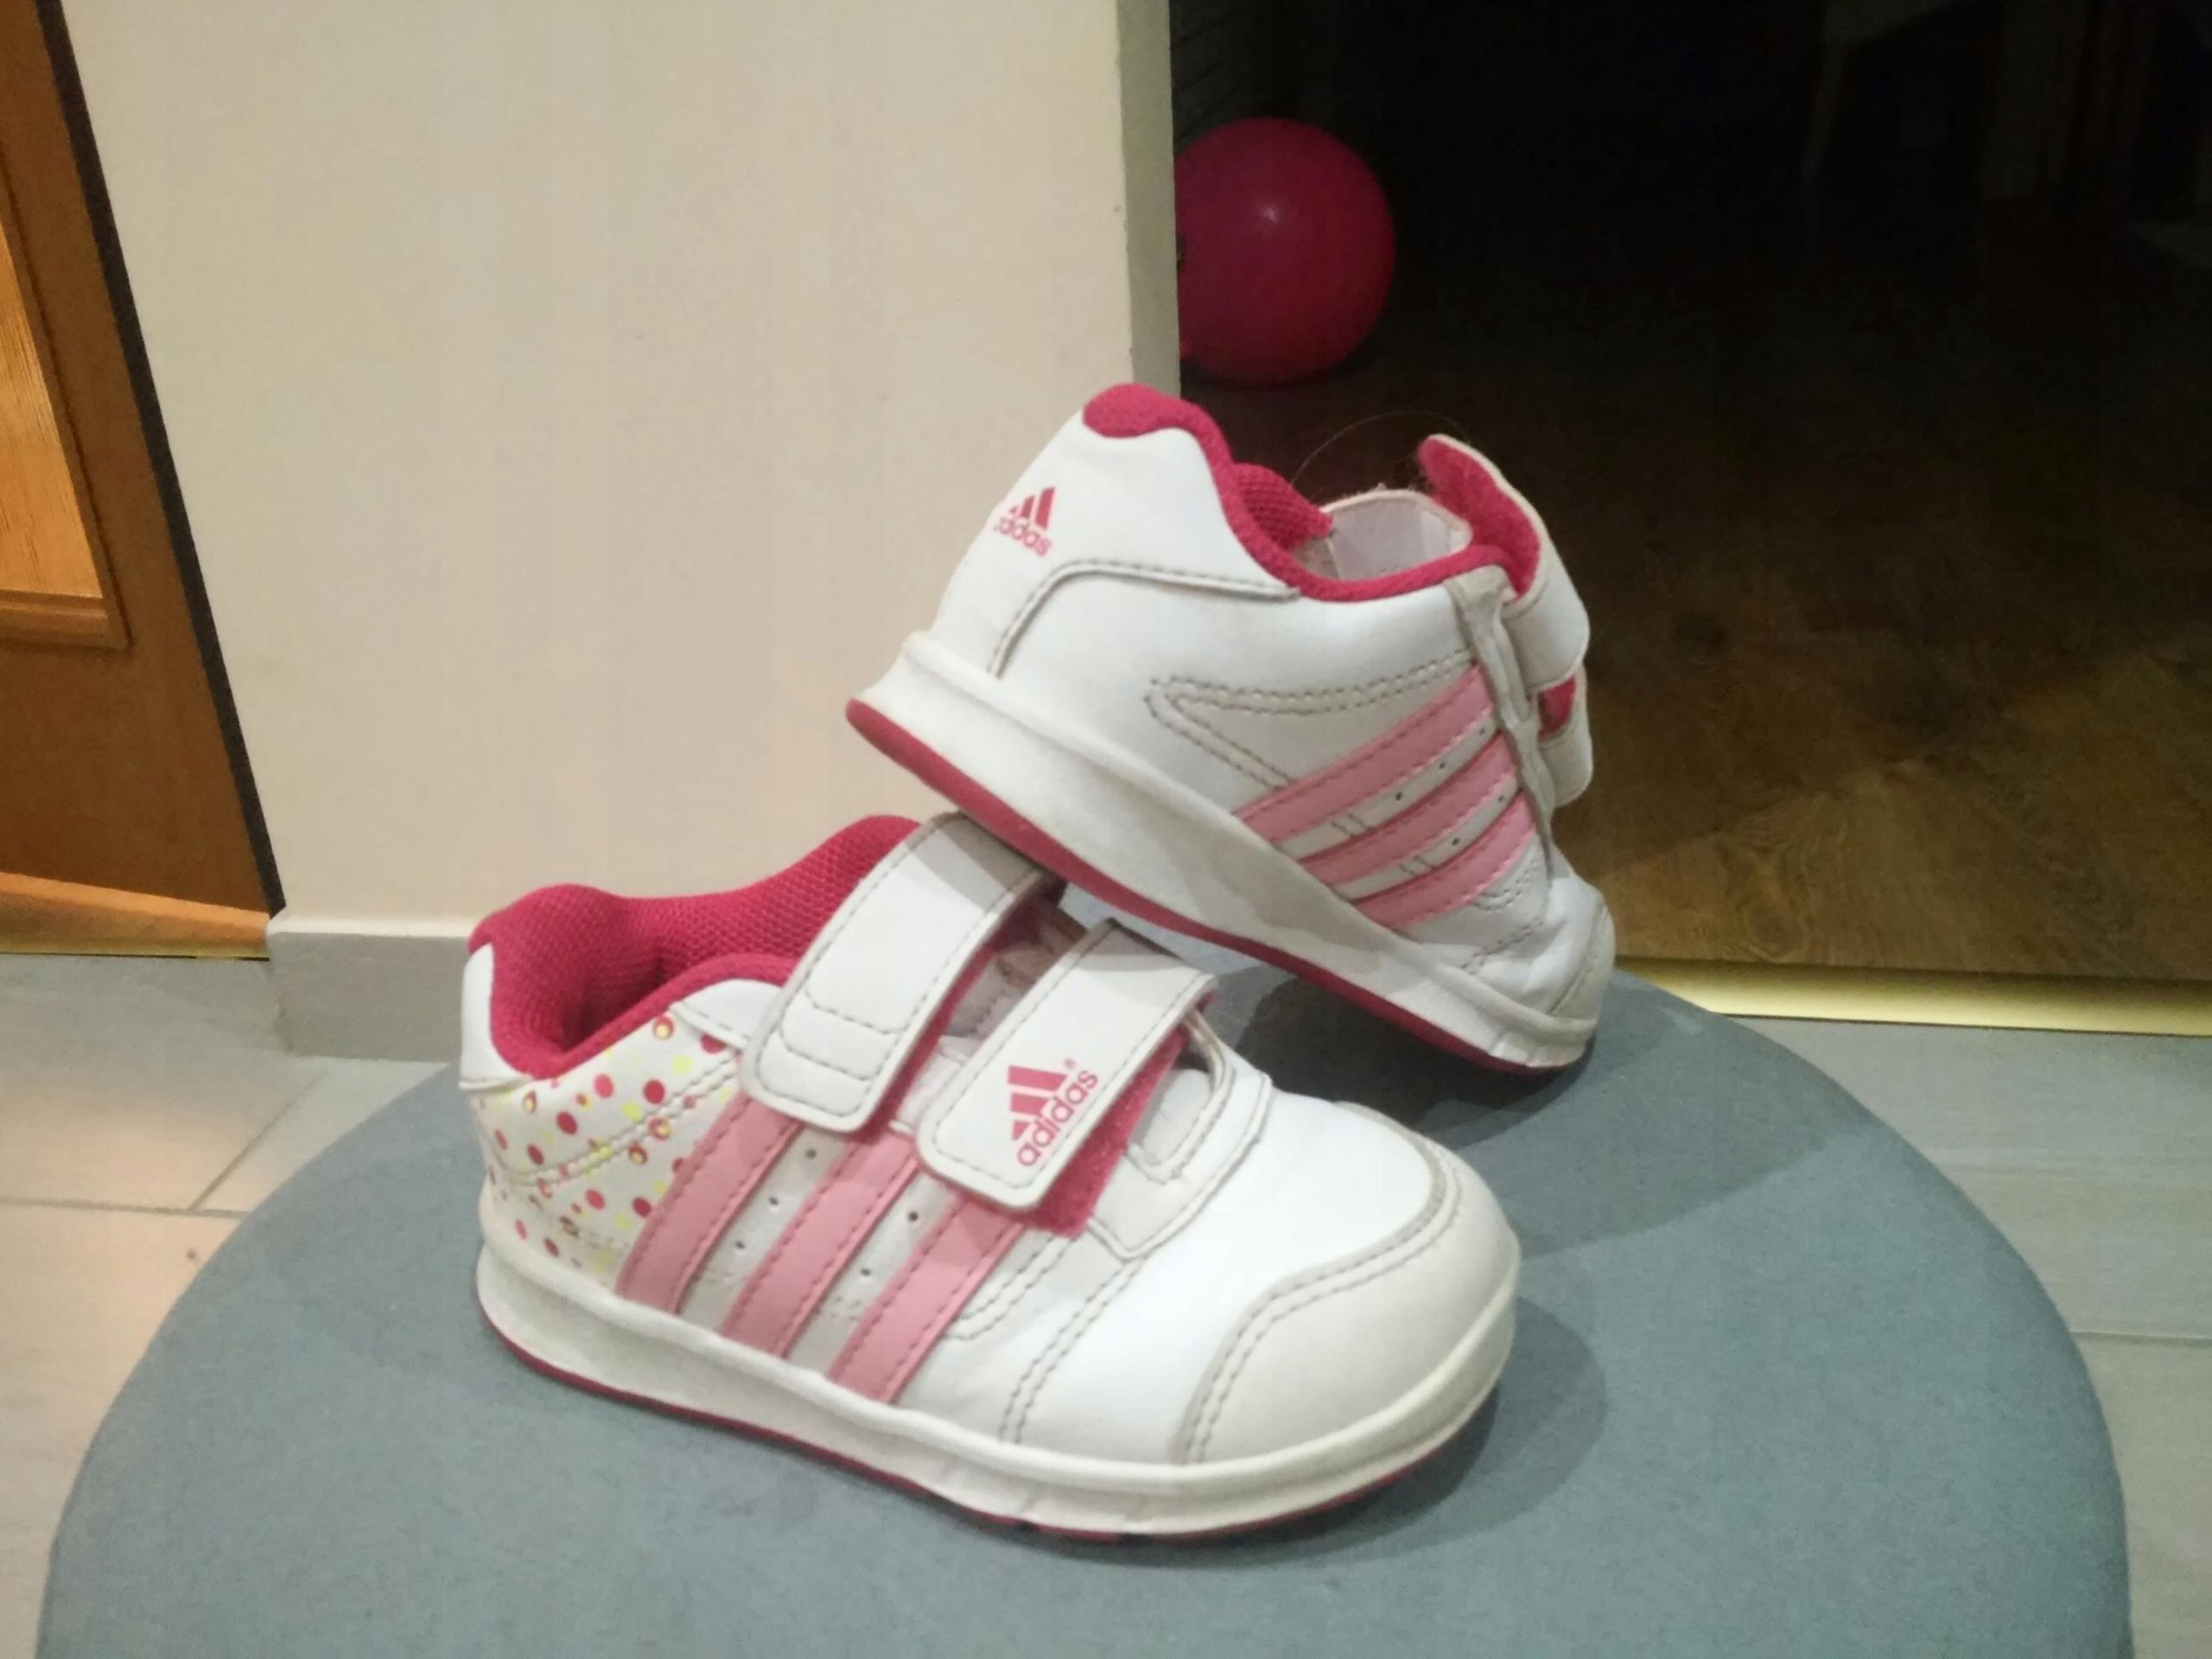 Buty dziecięce Adidas 23 7533462423 oficjalne archiwum